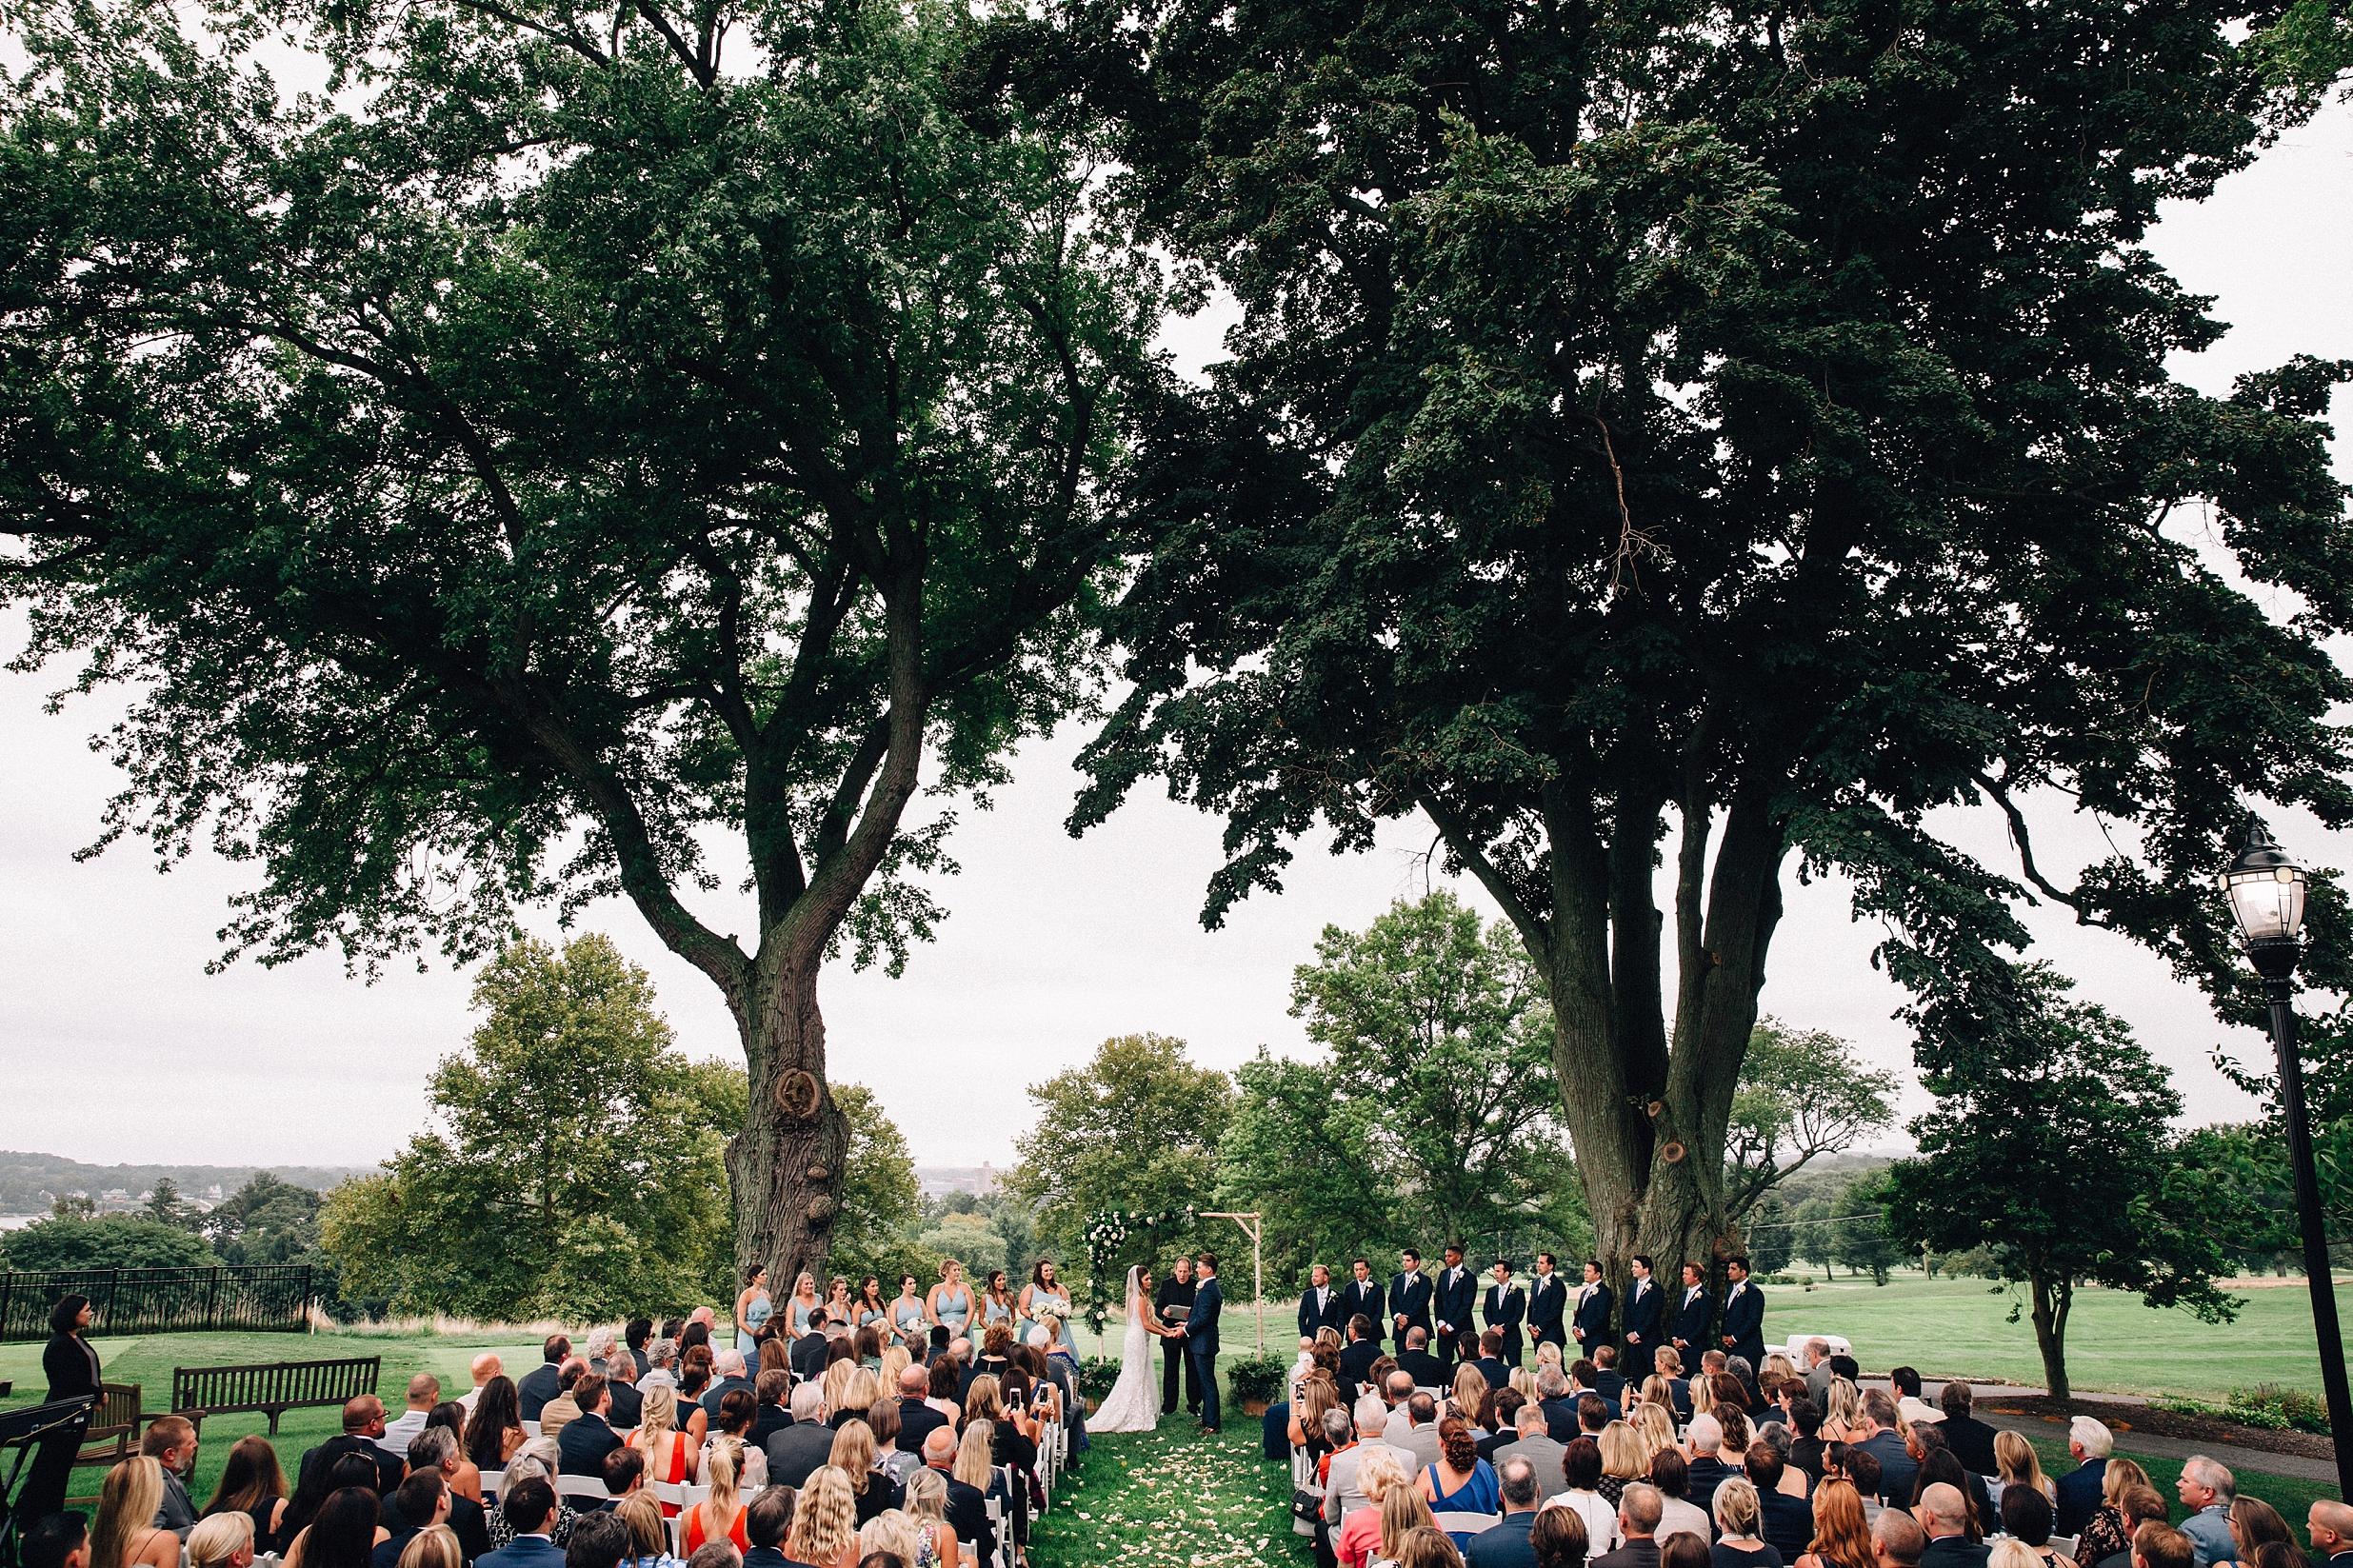 jersey-outdoor-ceremony-wedding-navasink-monmouth-rumson_0041.jpg